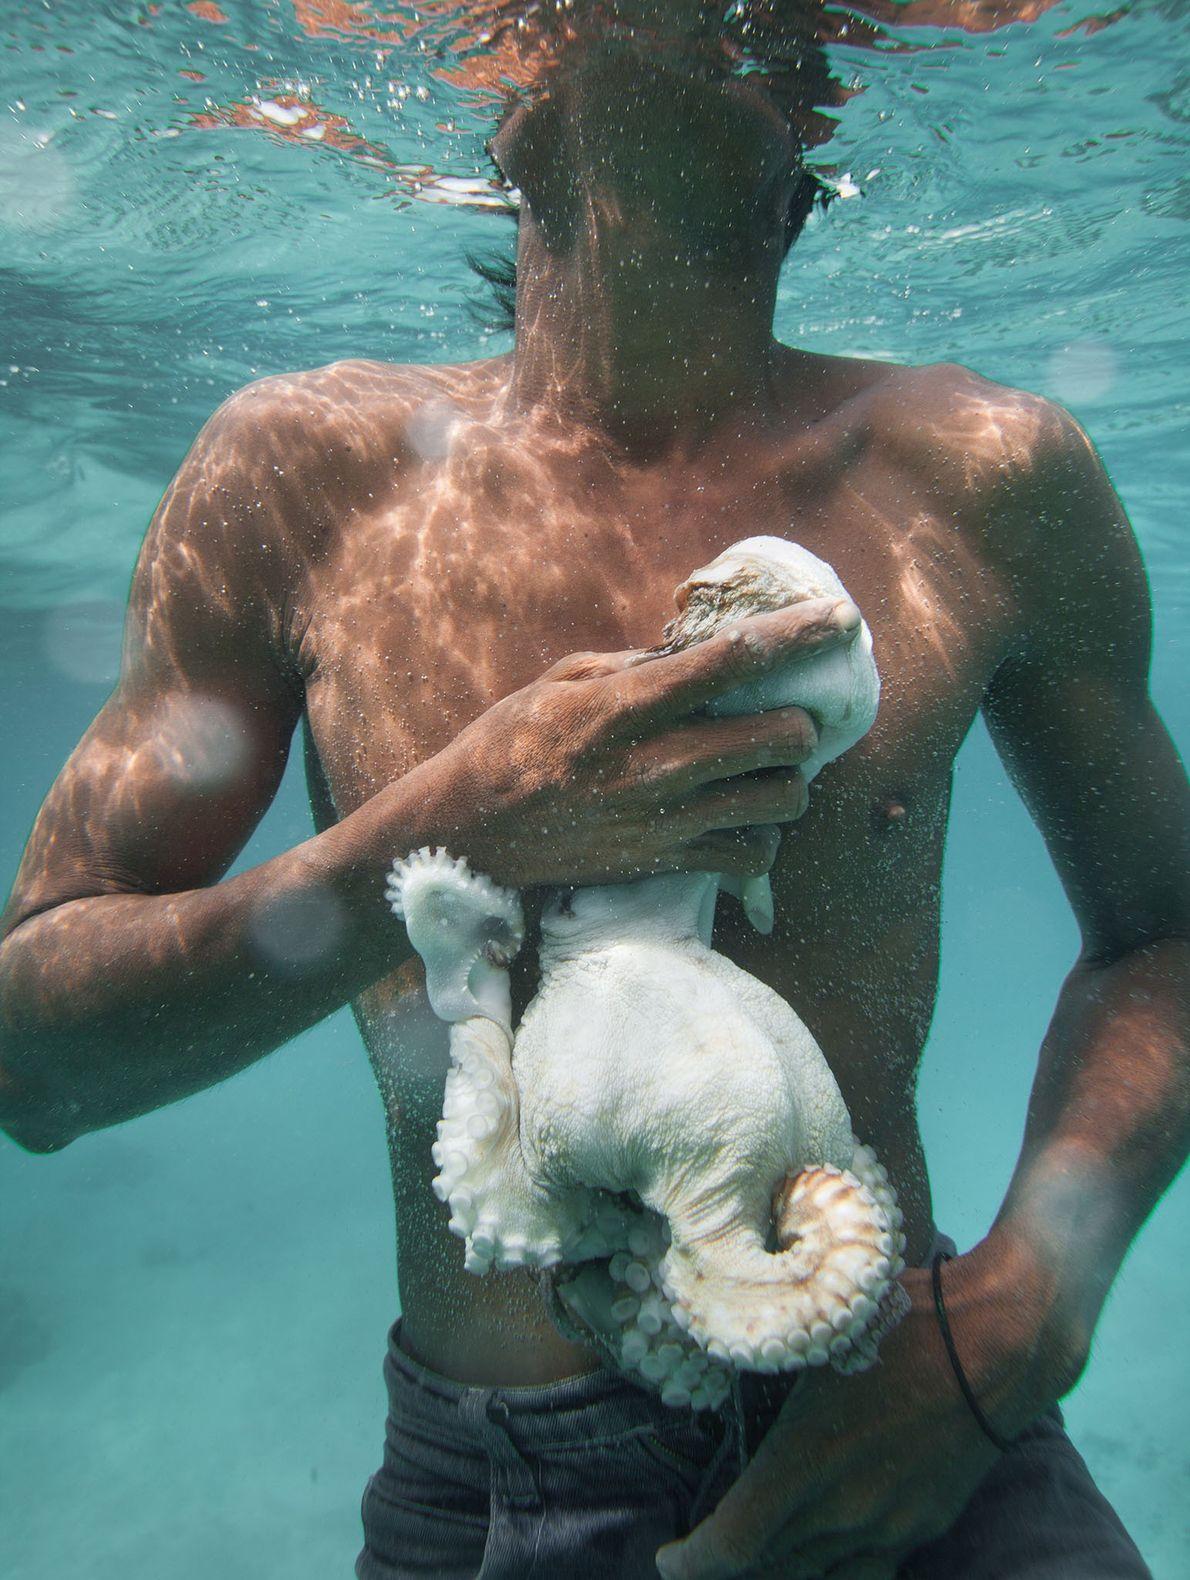 Un pescador bajau llamado Tarumpit atrapa pulpos en la isla Boheydulang.